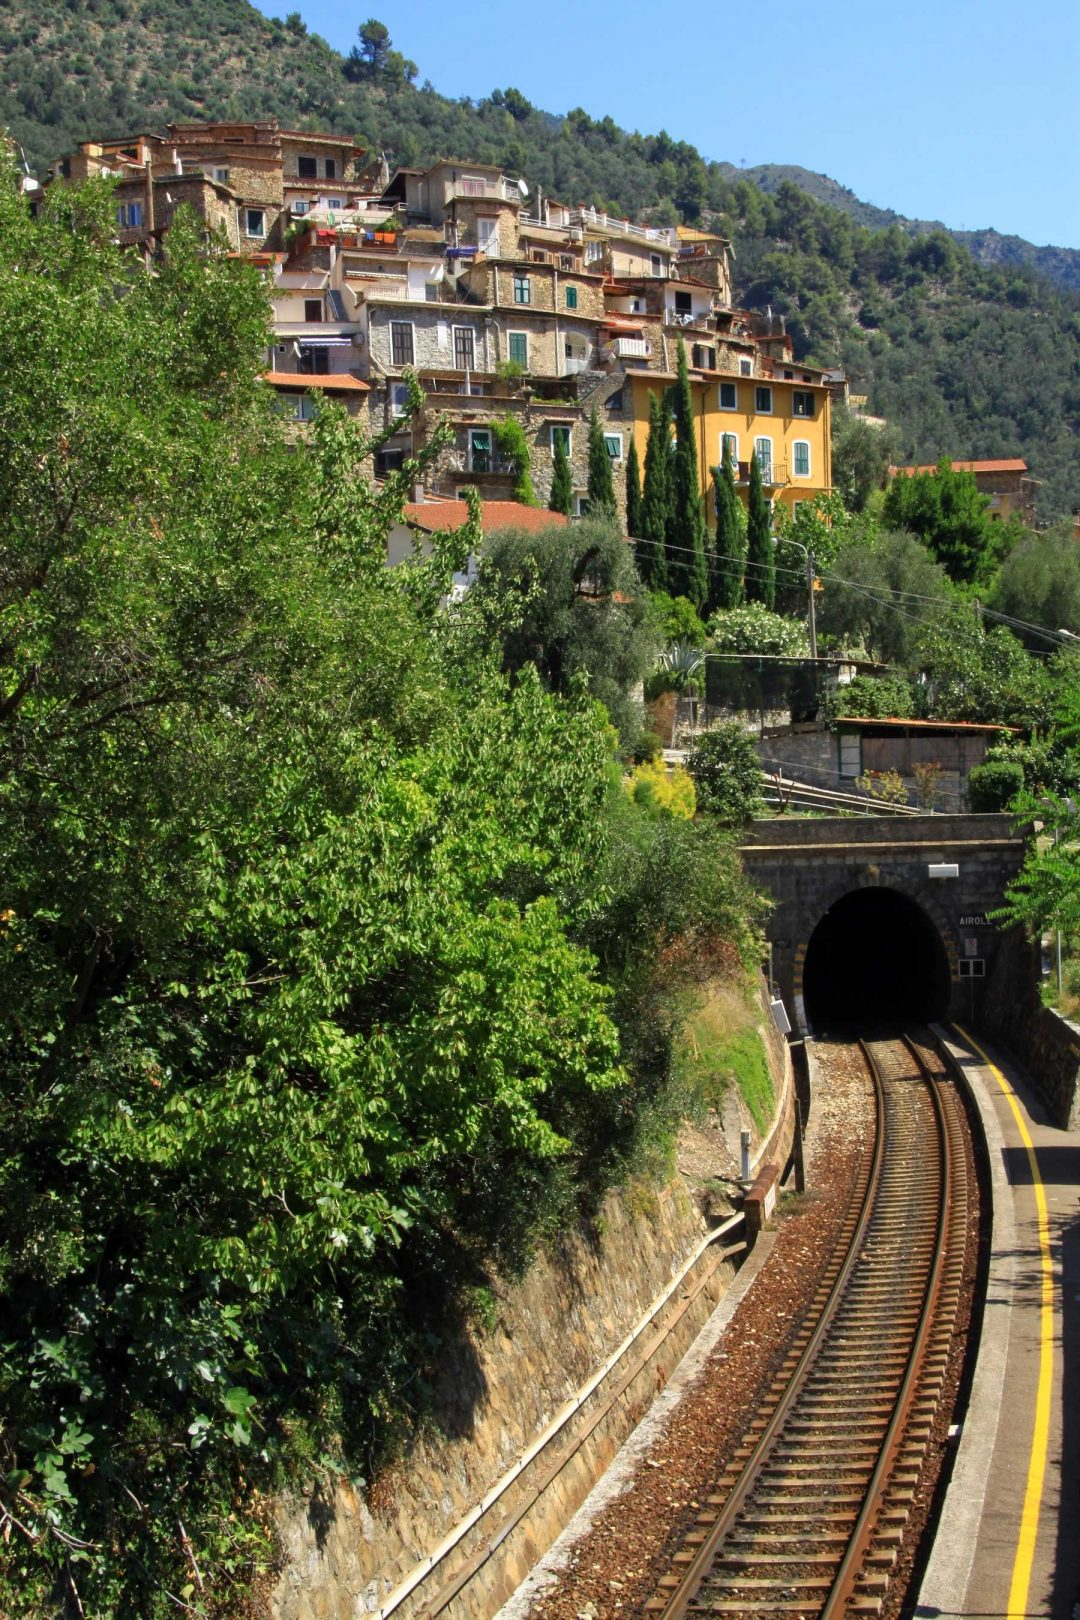 Liguria, i borghi più belli sul mare e nell'entroterra. Da Ponente a Levante